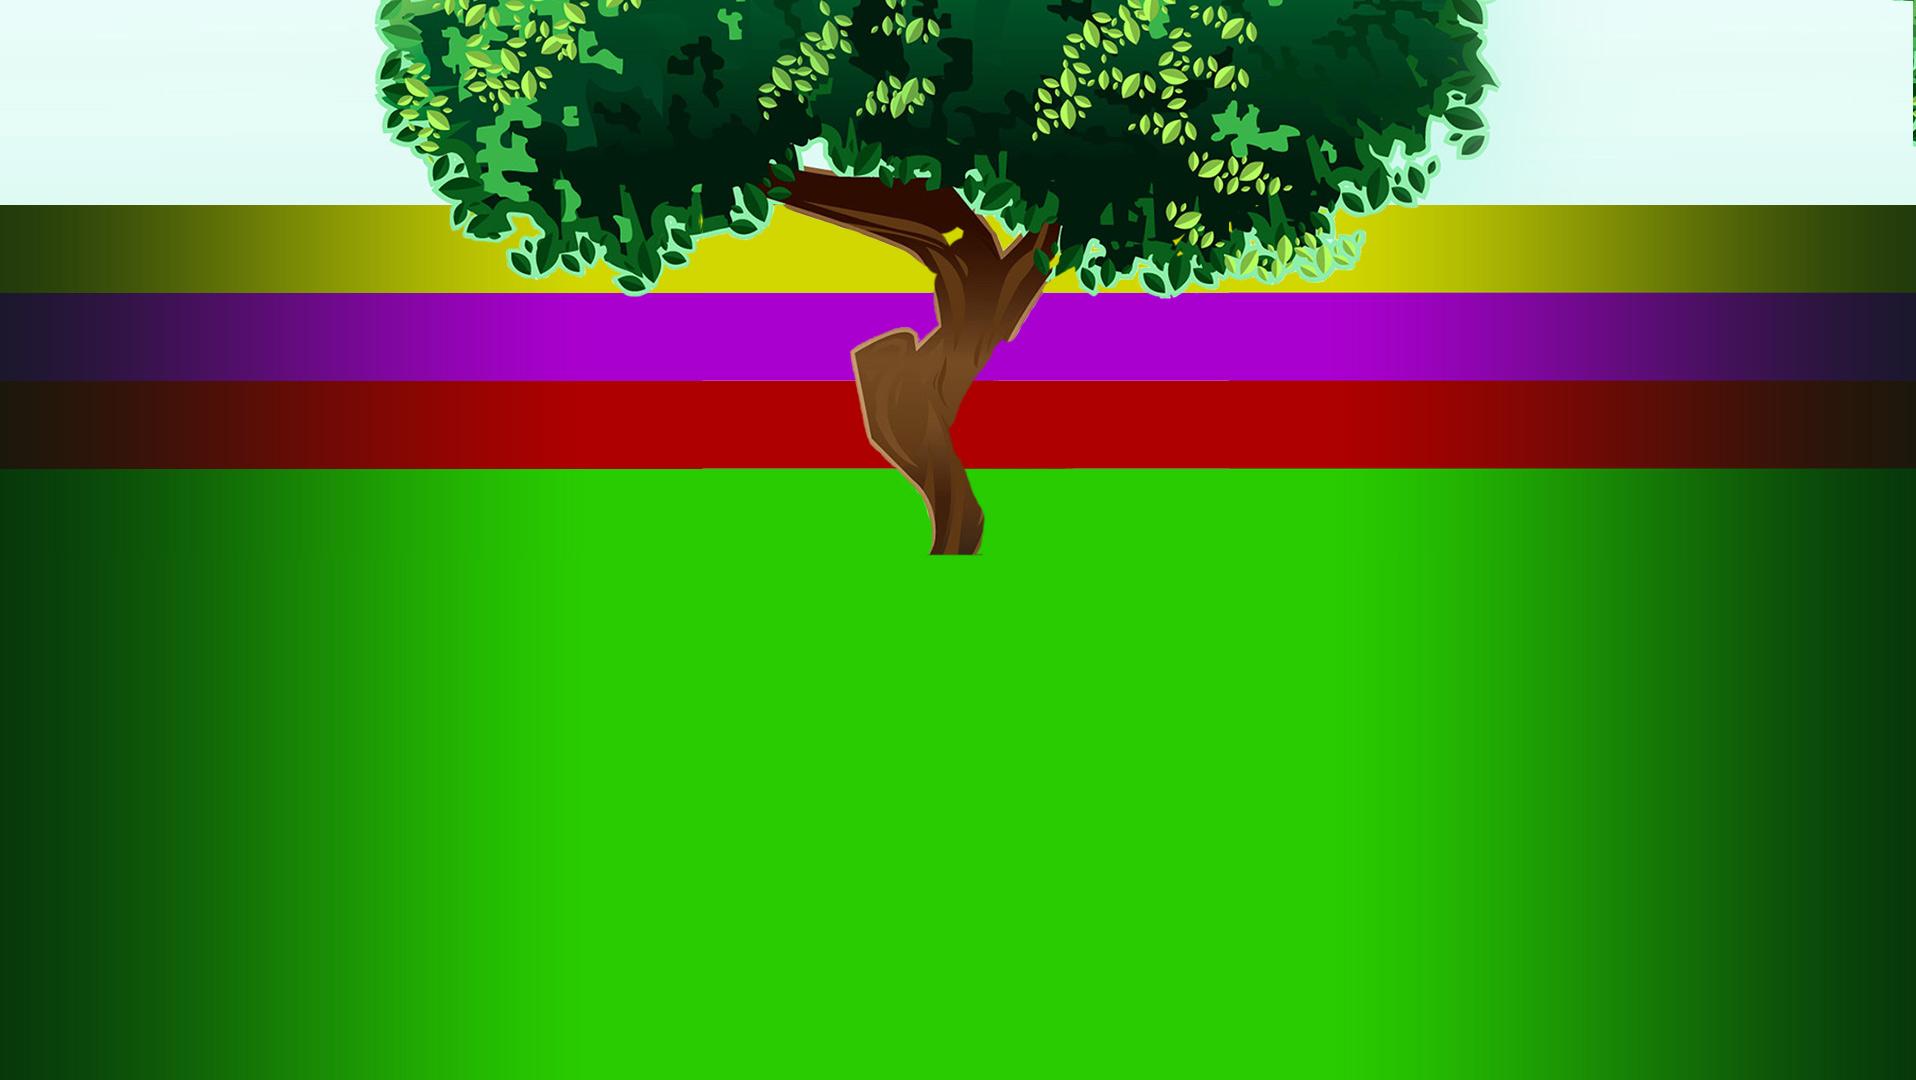 <h2>L'incroyable arbre fruitier</h2>